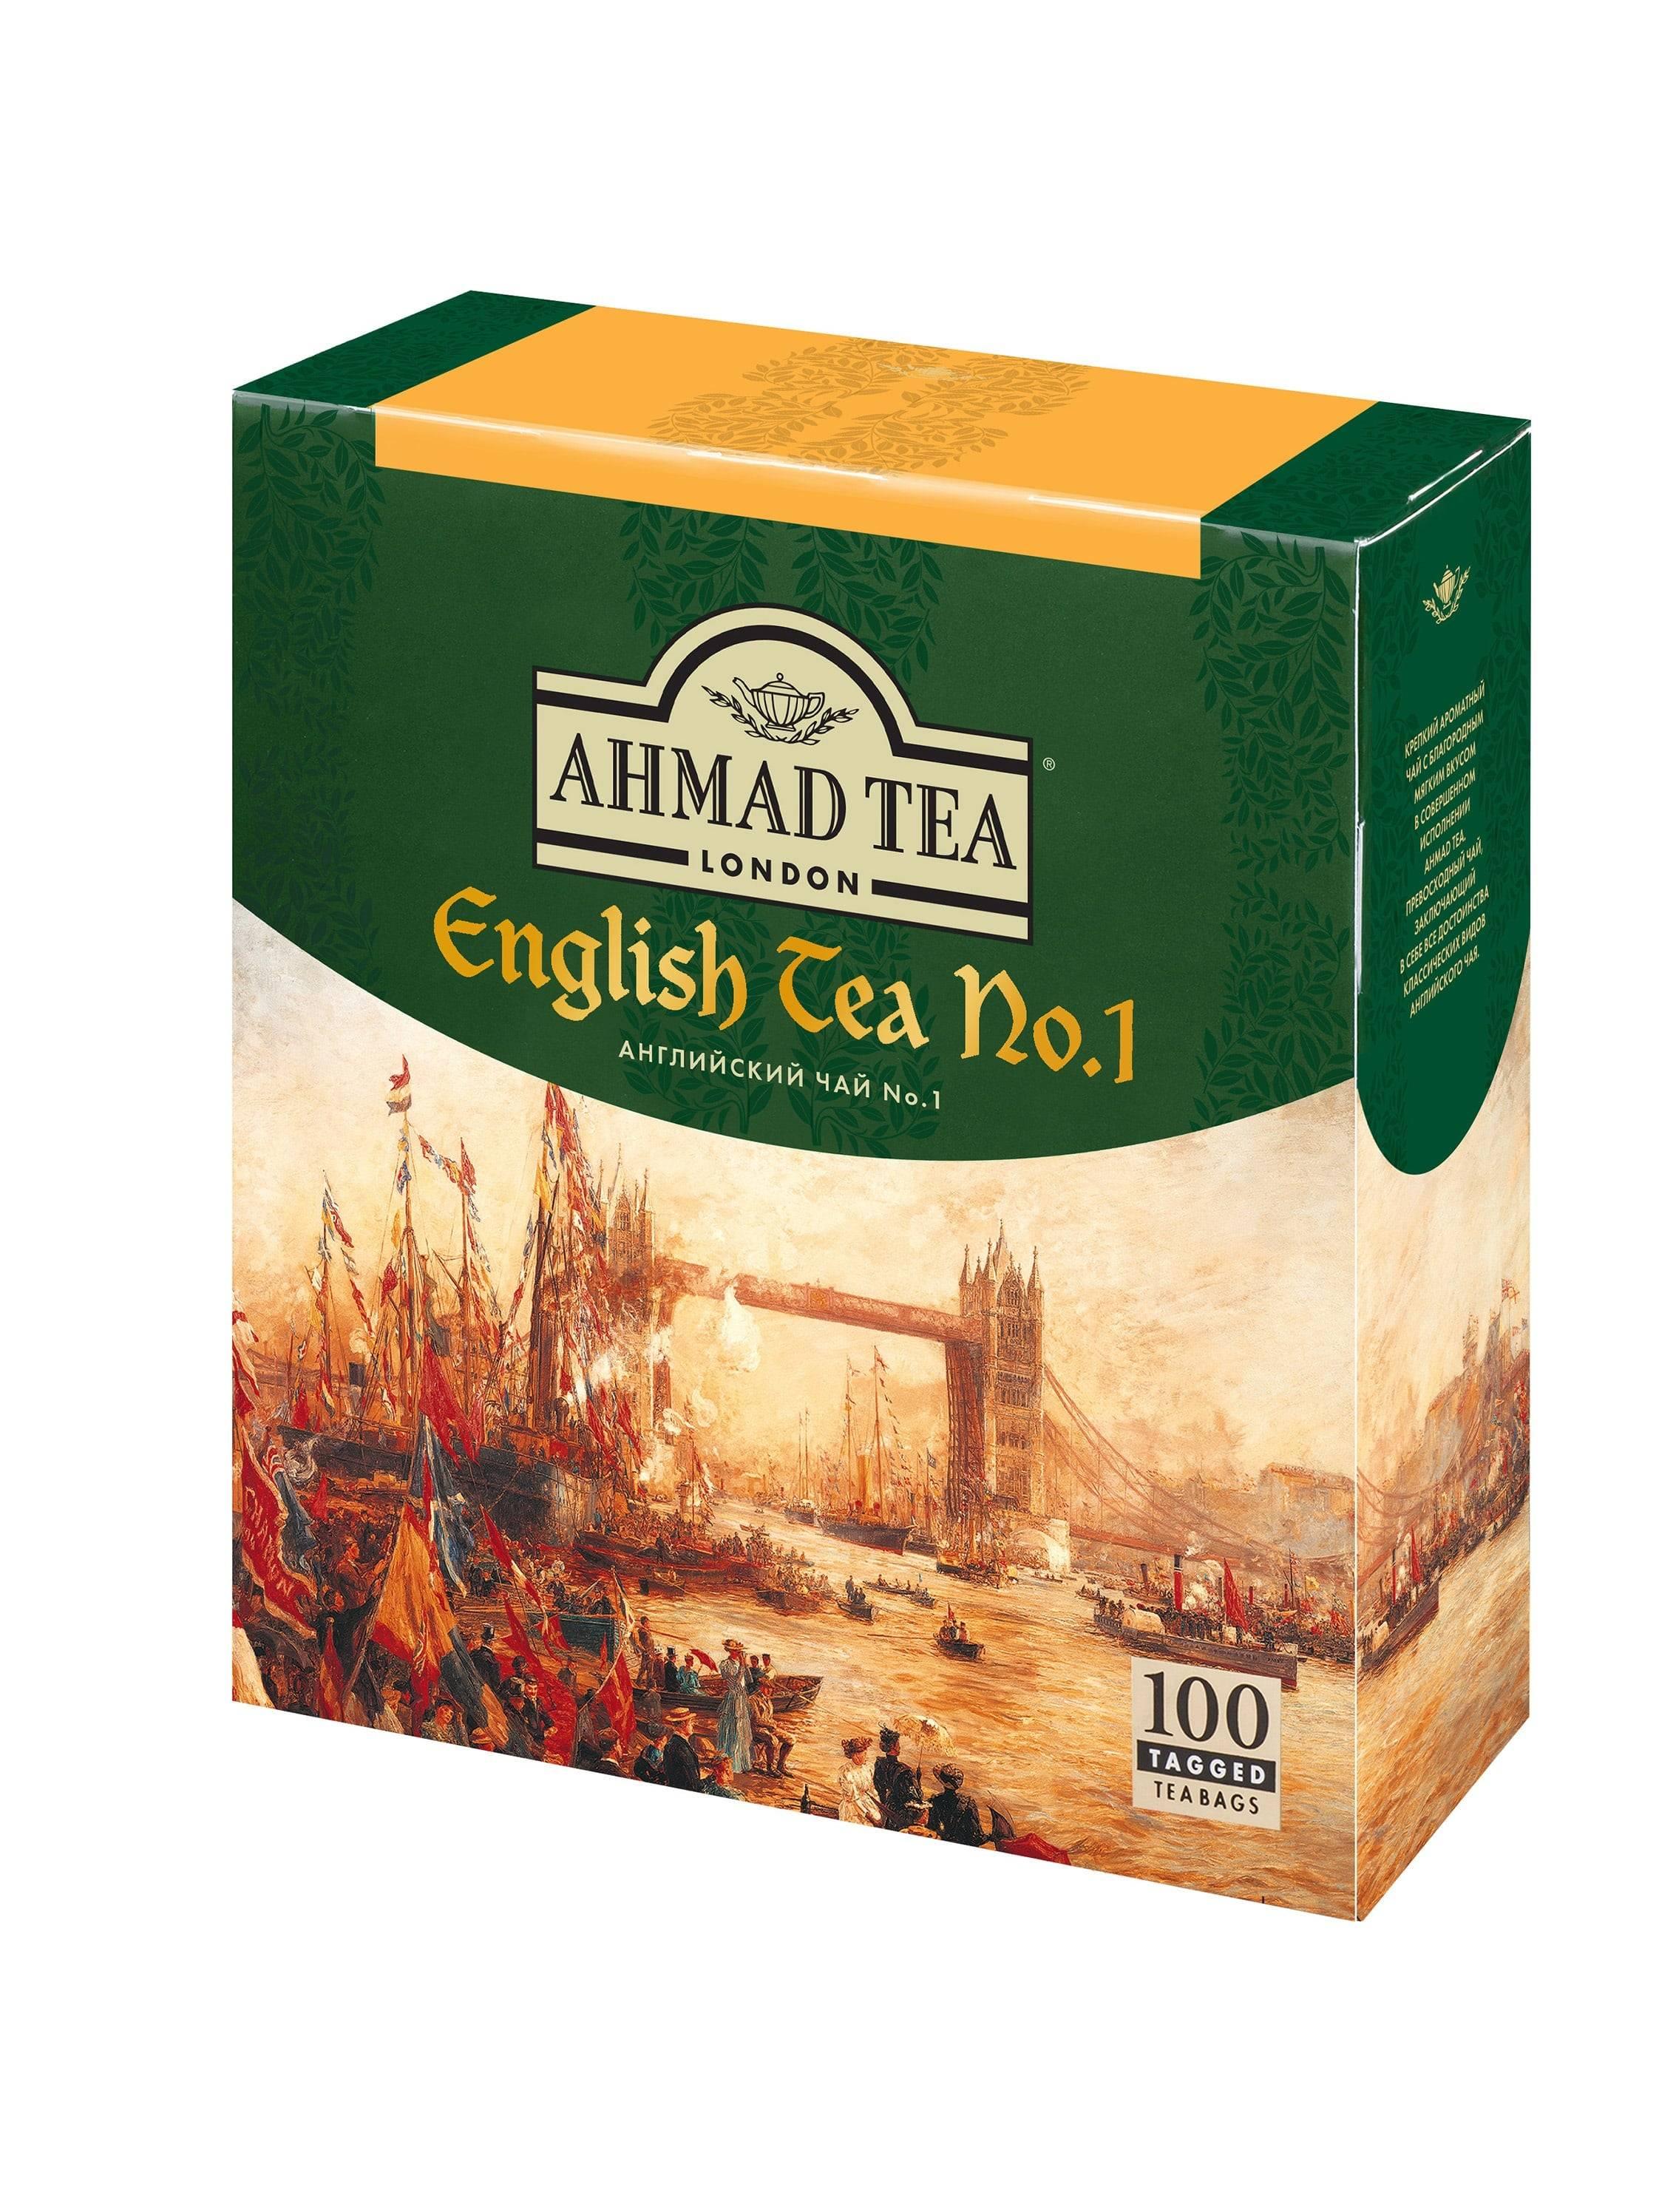 Обзор чайного ассортимента компании «ахмад чай»